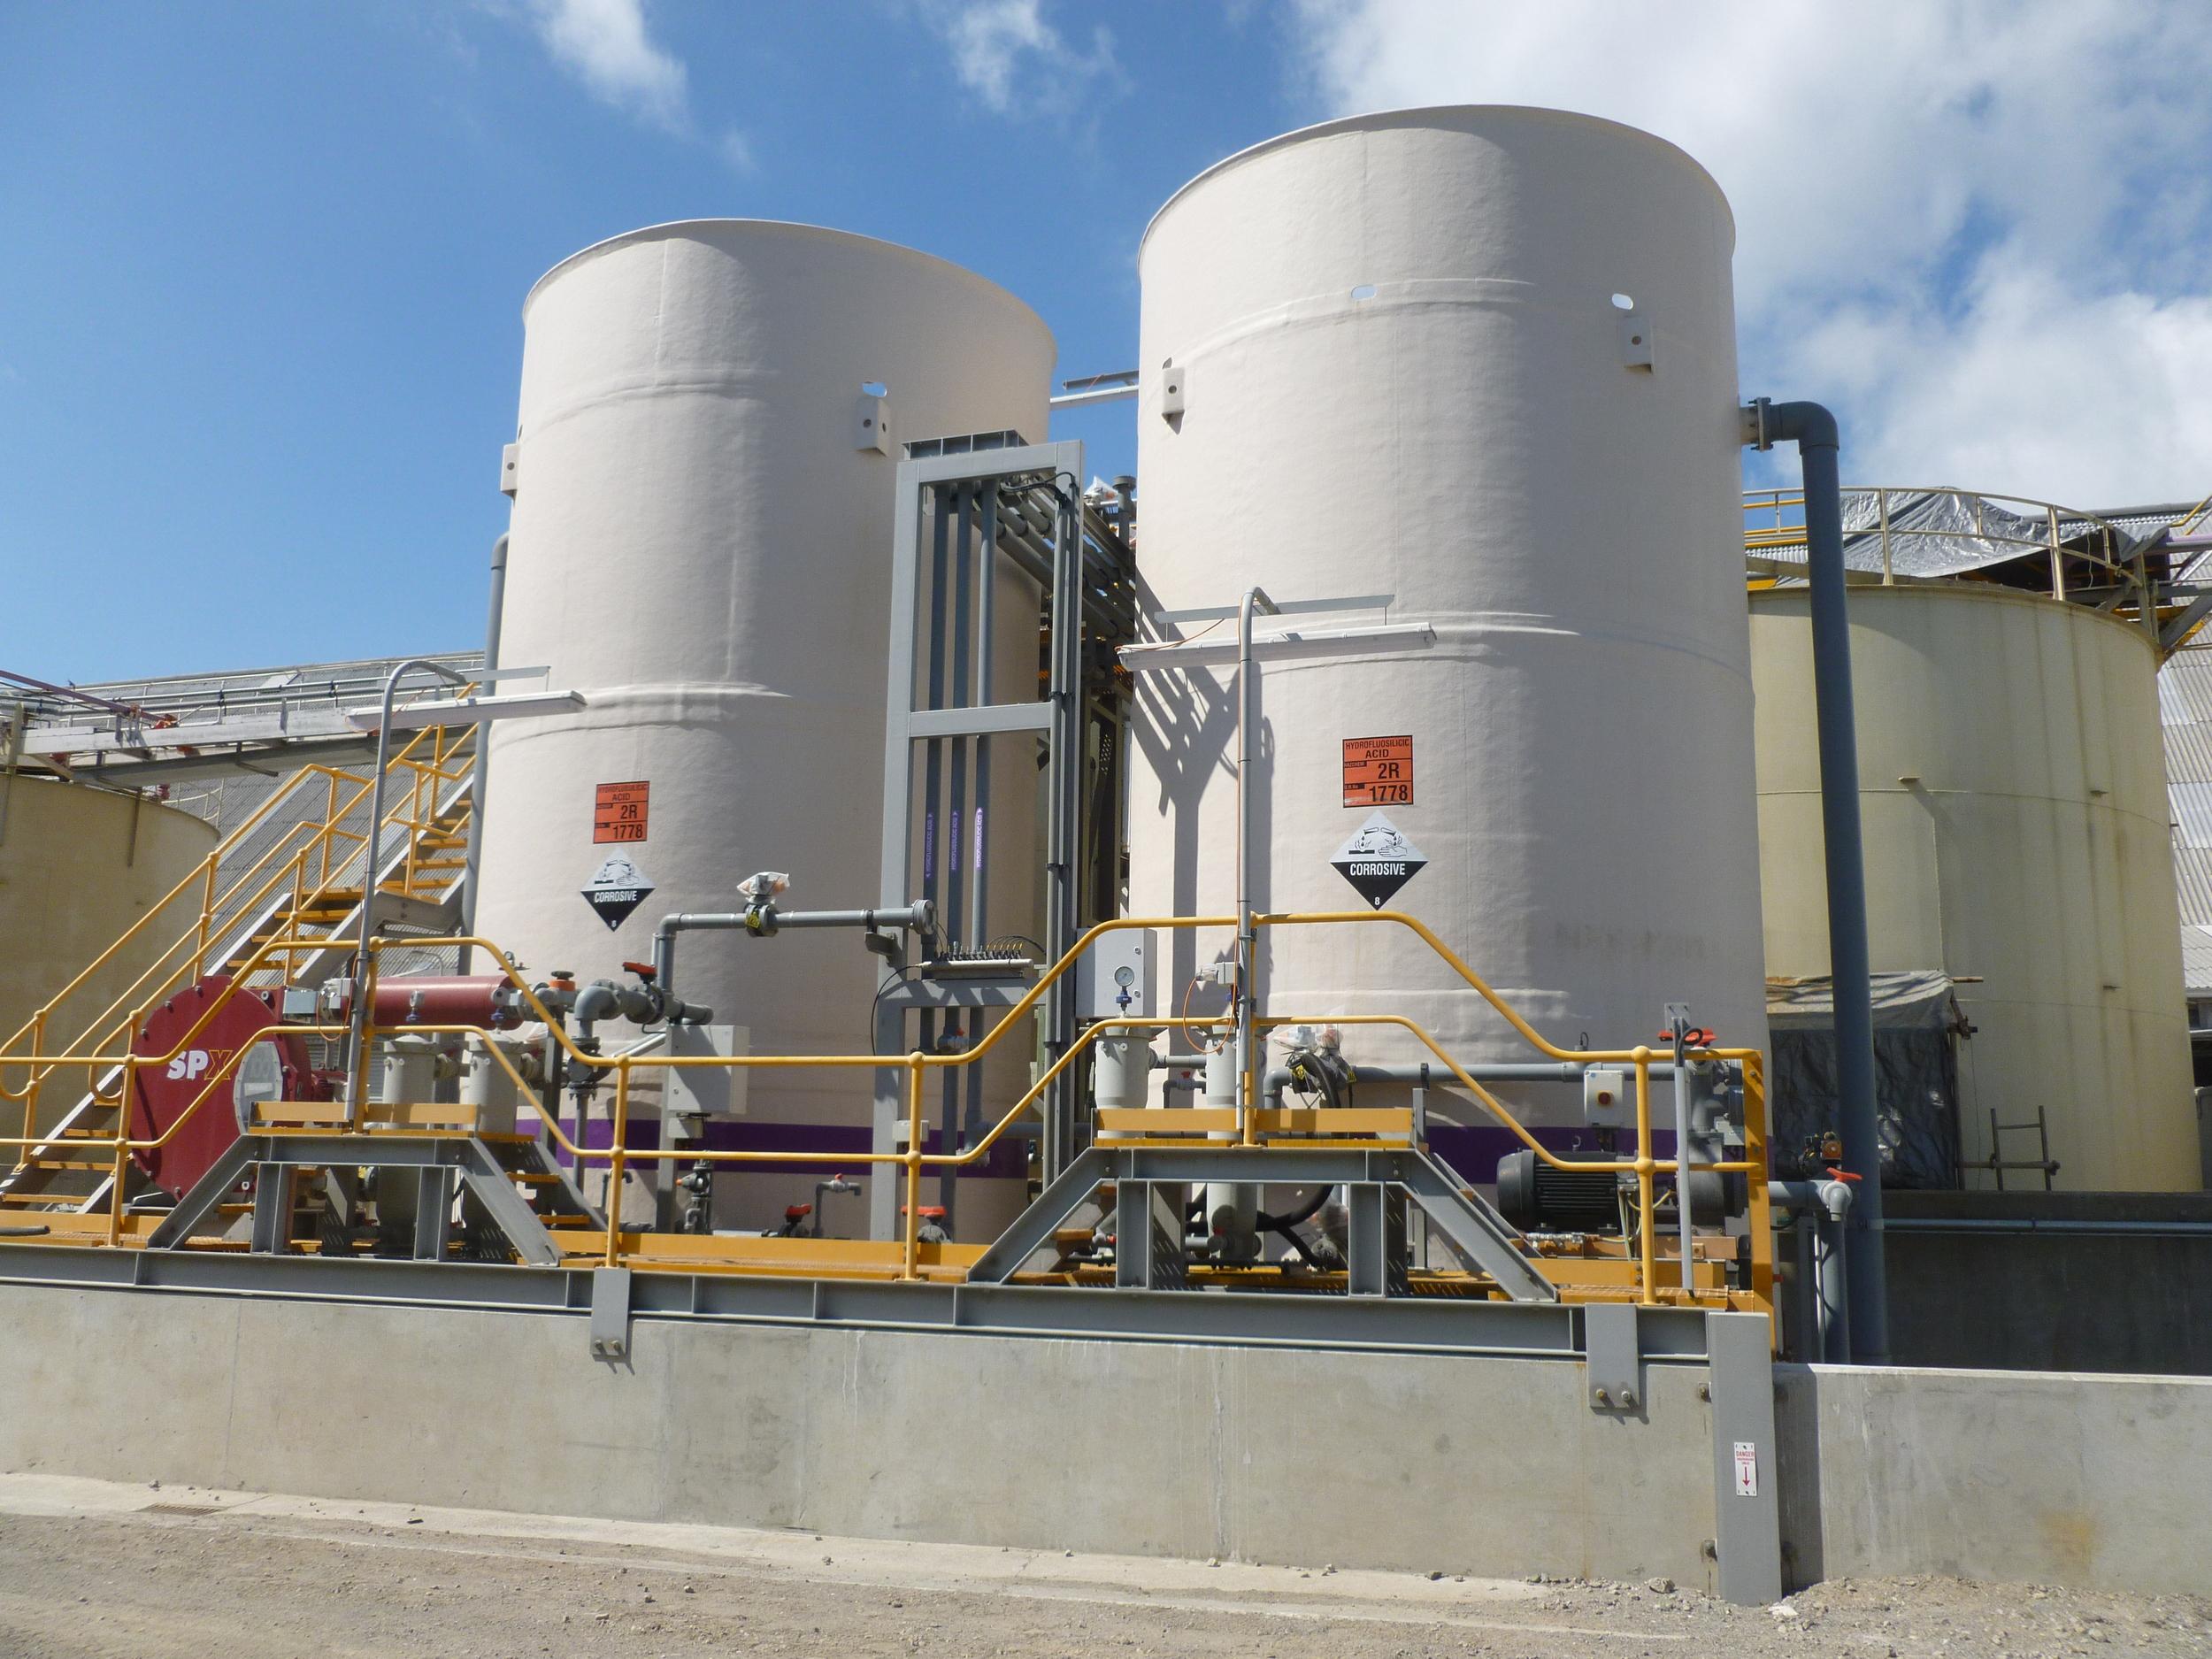 BAN1FluorideTanksFeb2012.JPG